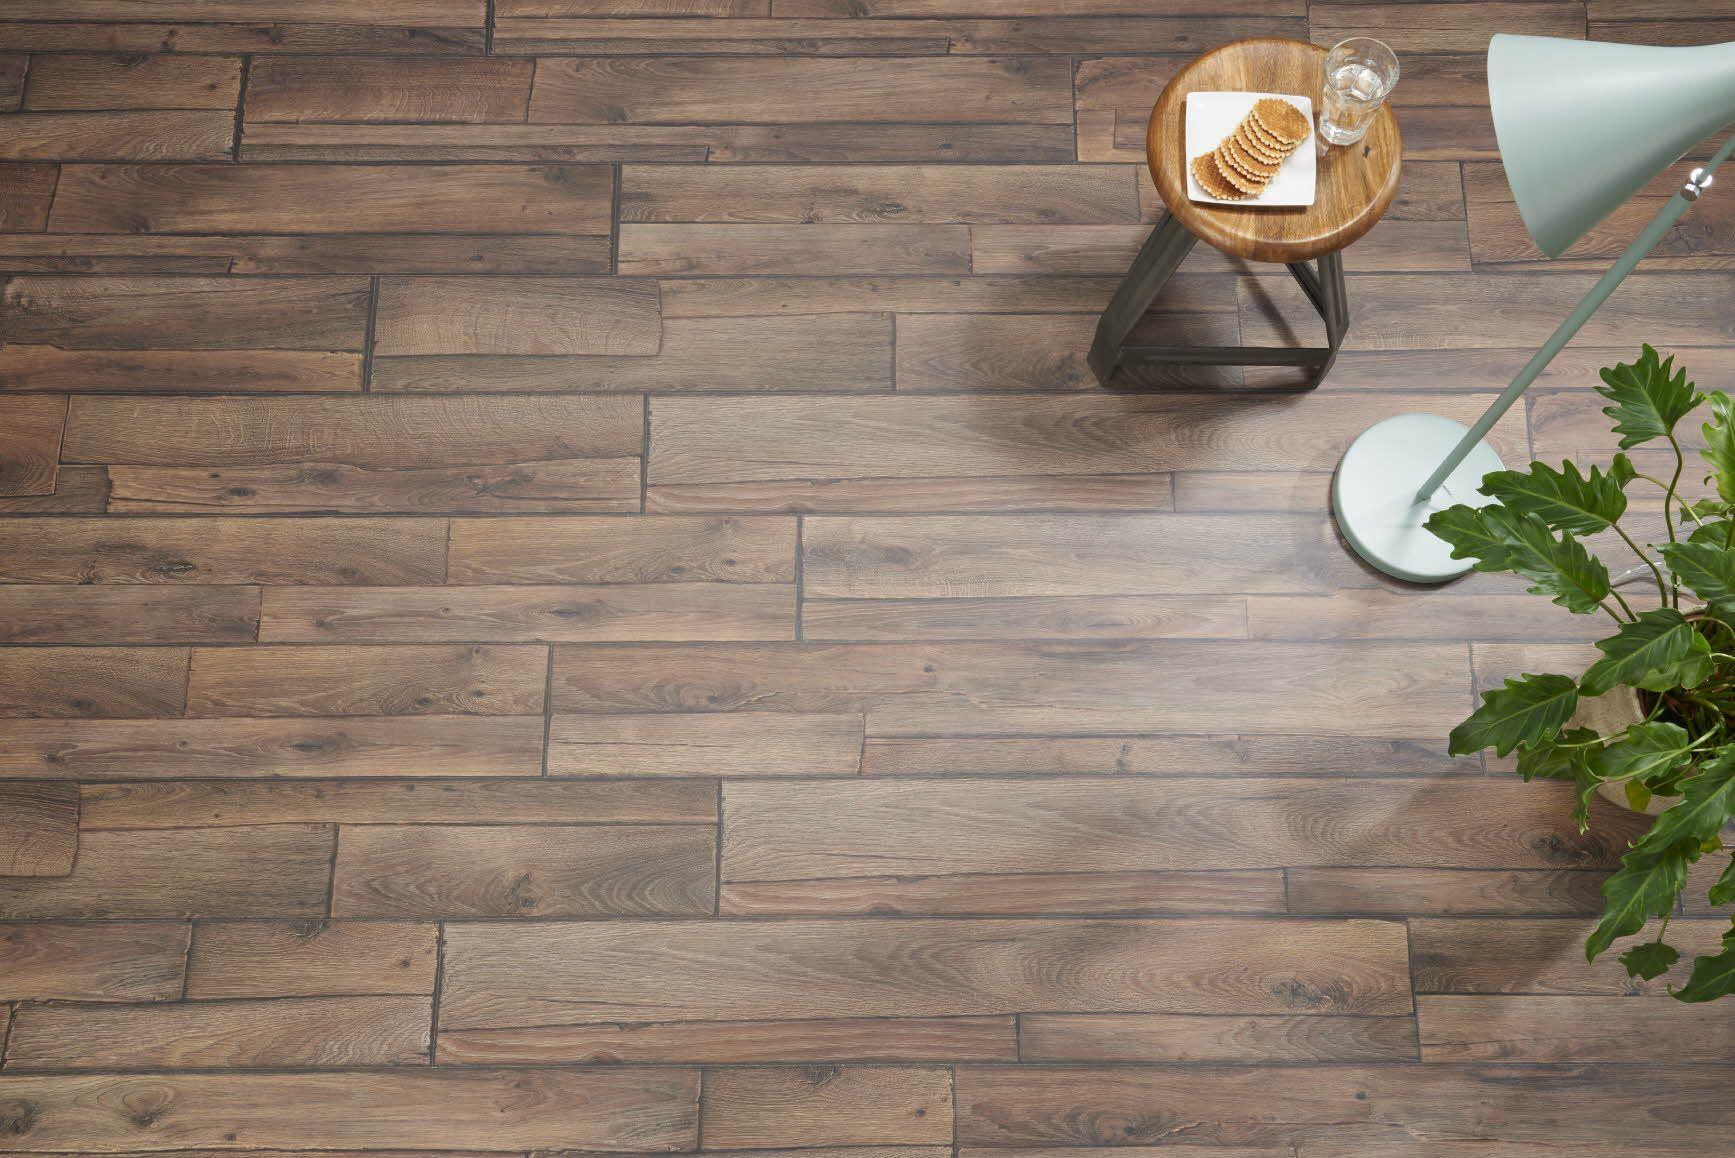 Praxis Lampen Plafond : Praxis decomode laminaat living kufstein vloer inspiratie